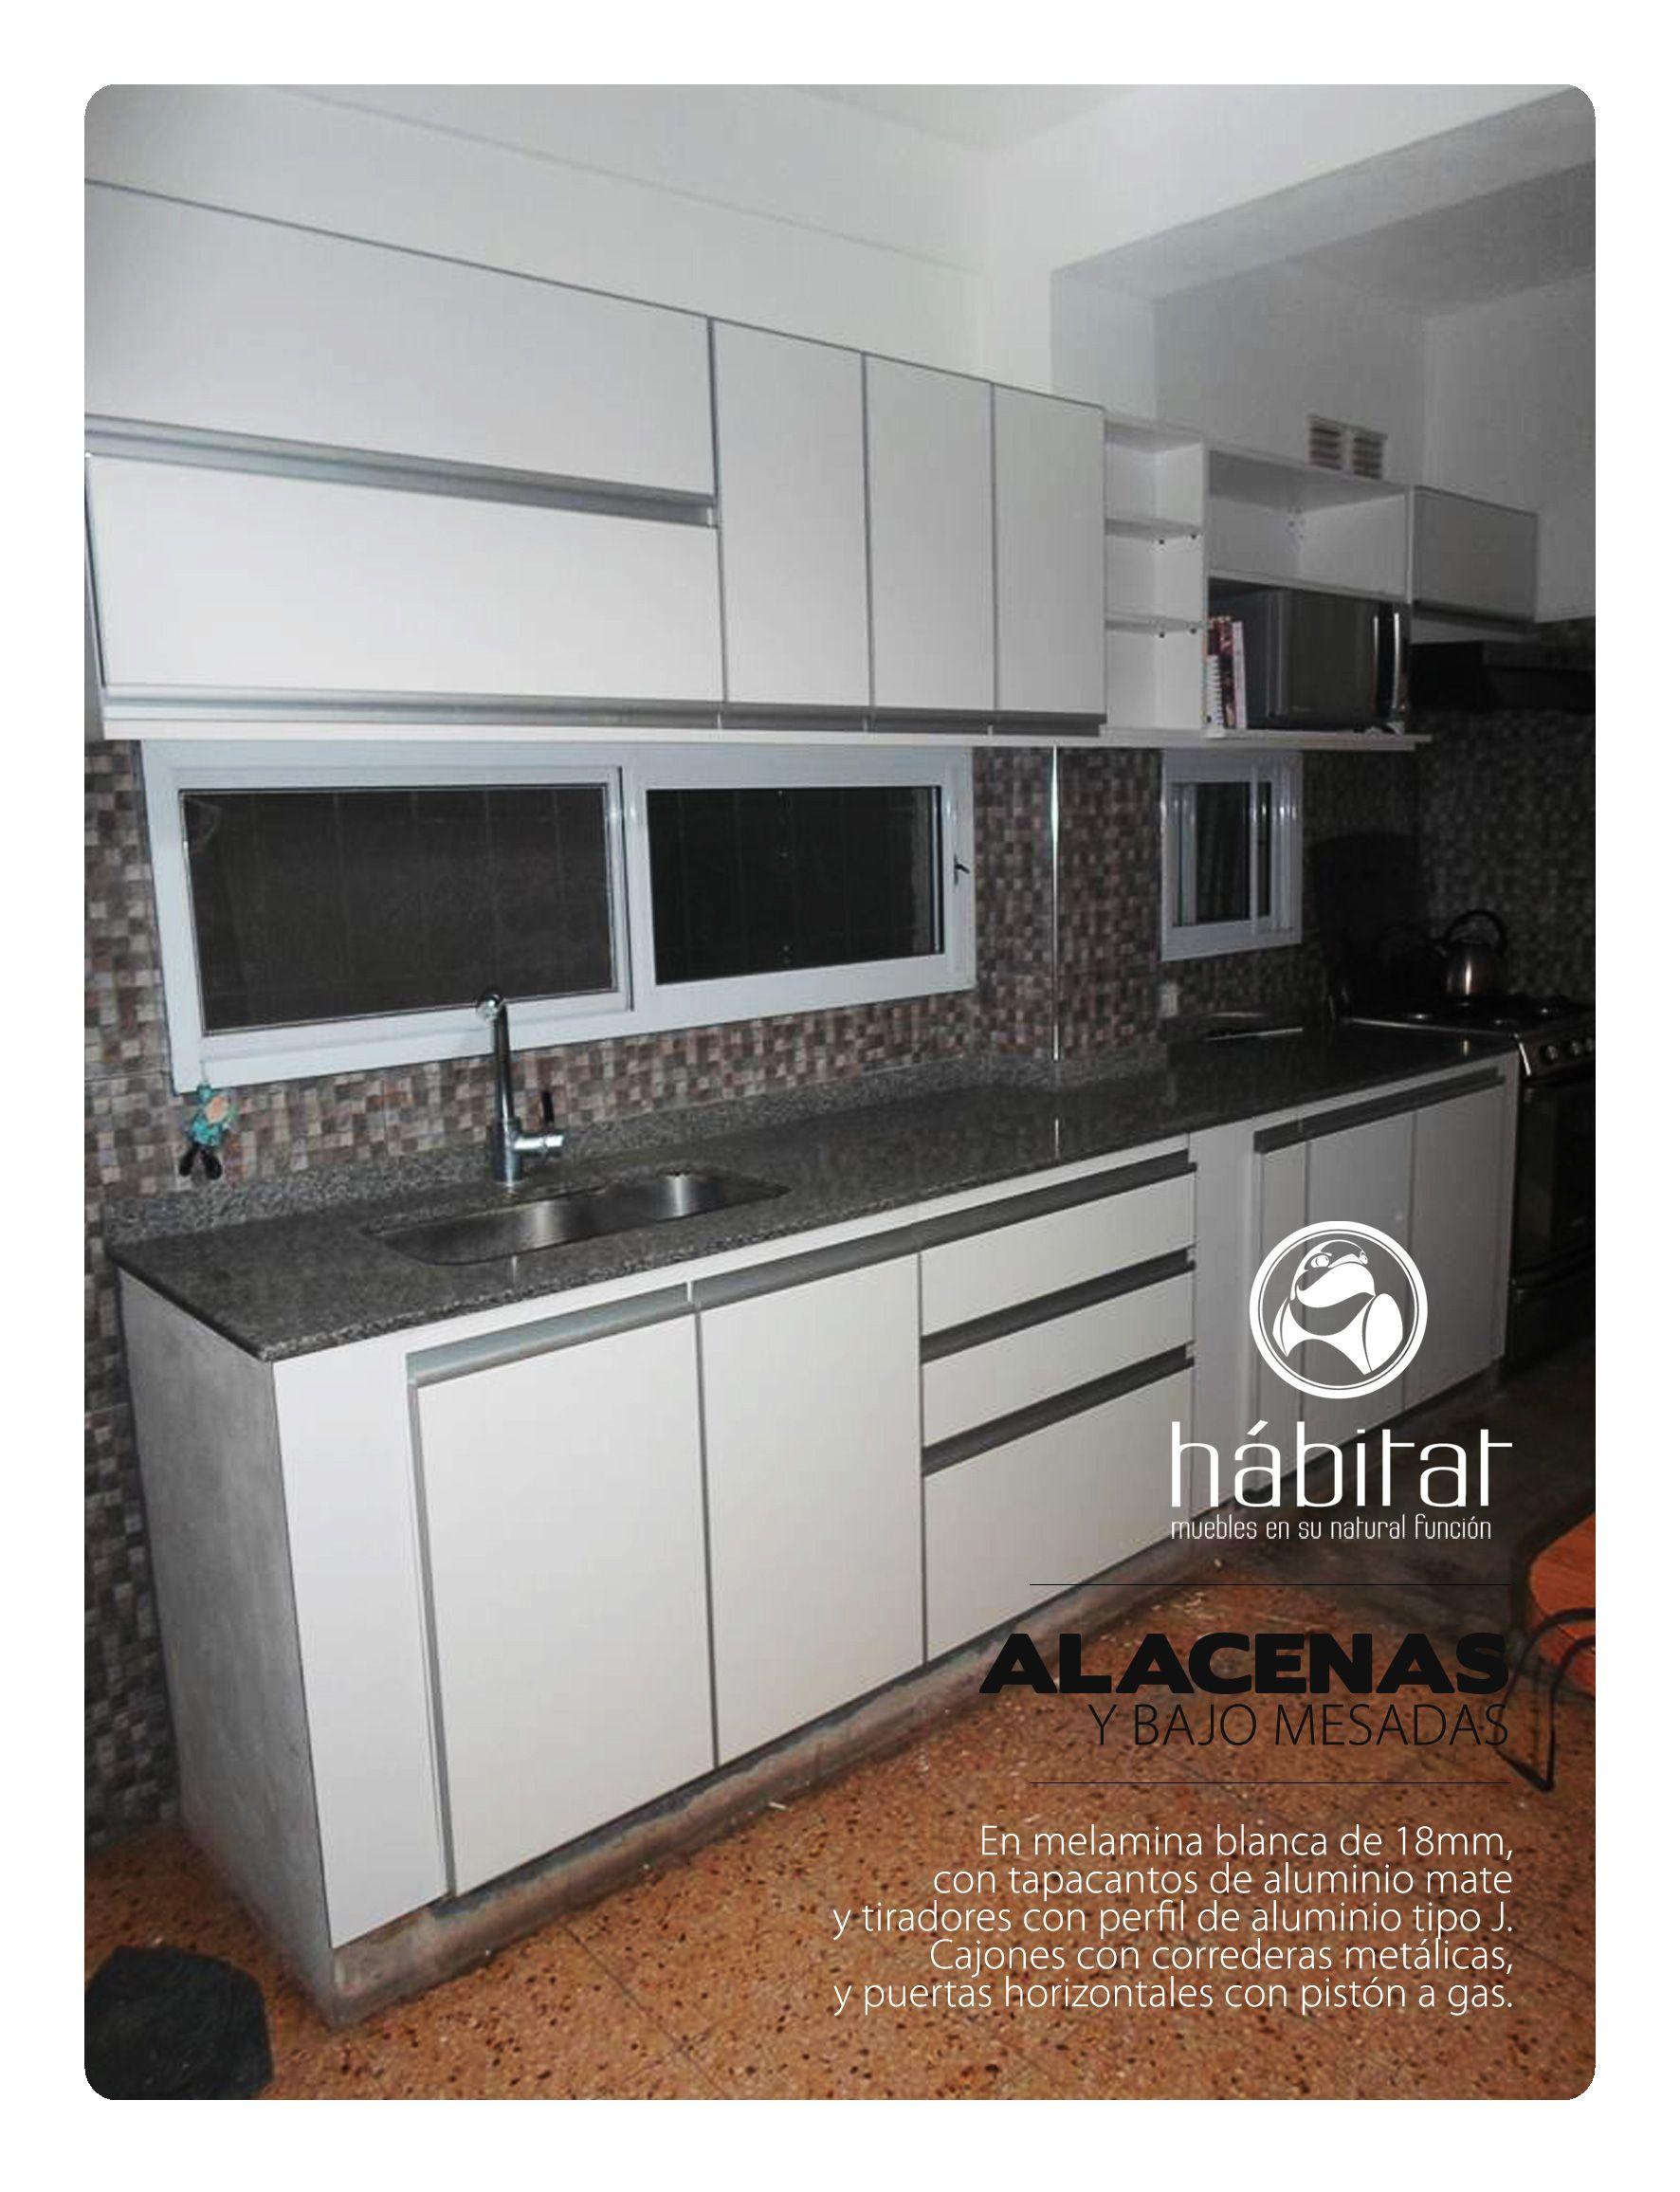 Alacenas Y Bajo Mesadas En Melamina Blanca De 18mm Con  ~ Limpiar Muebles De Cocina De Formica Mate